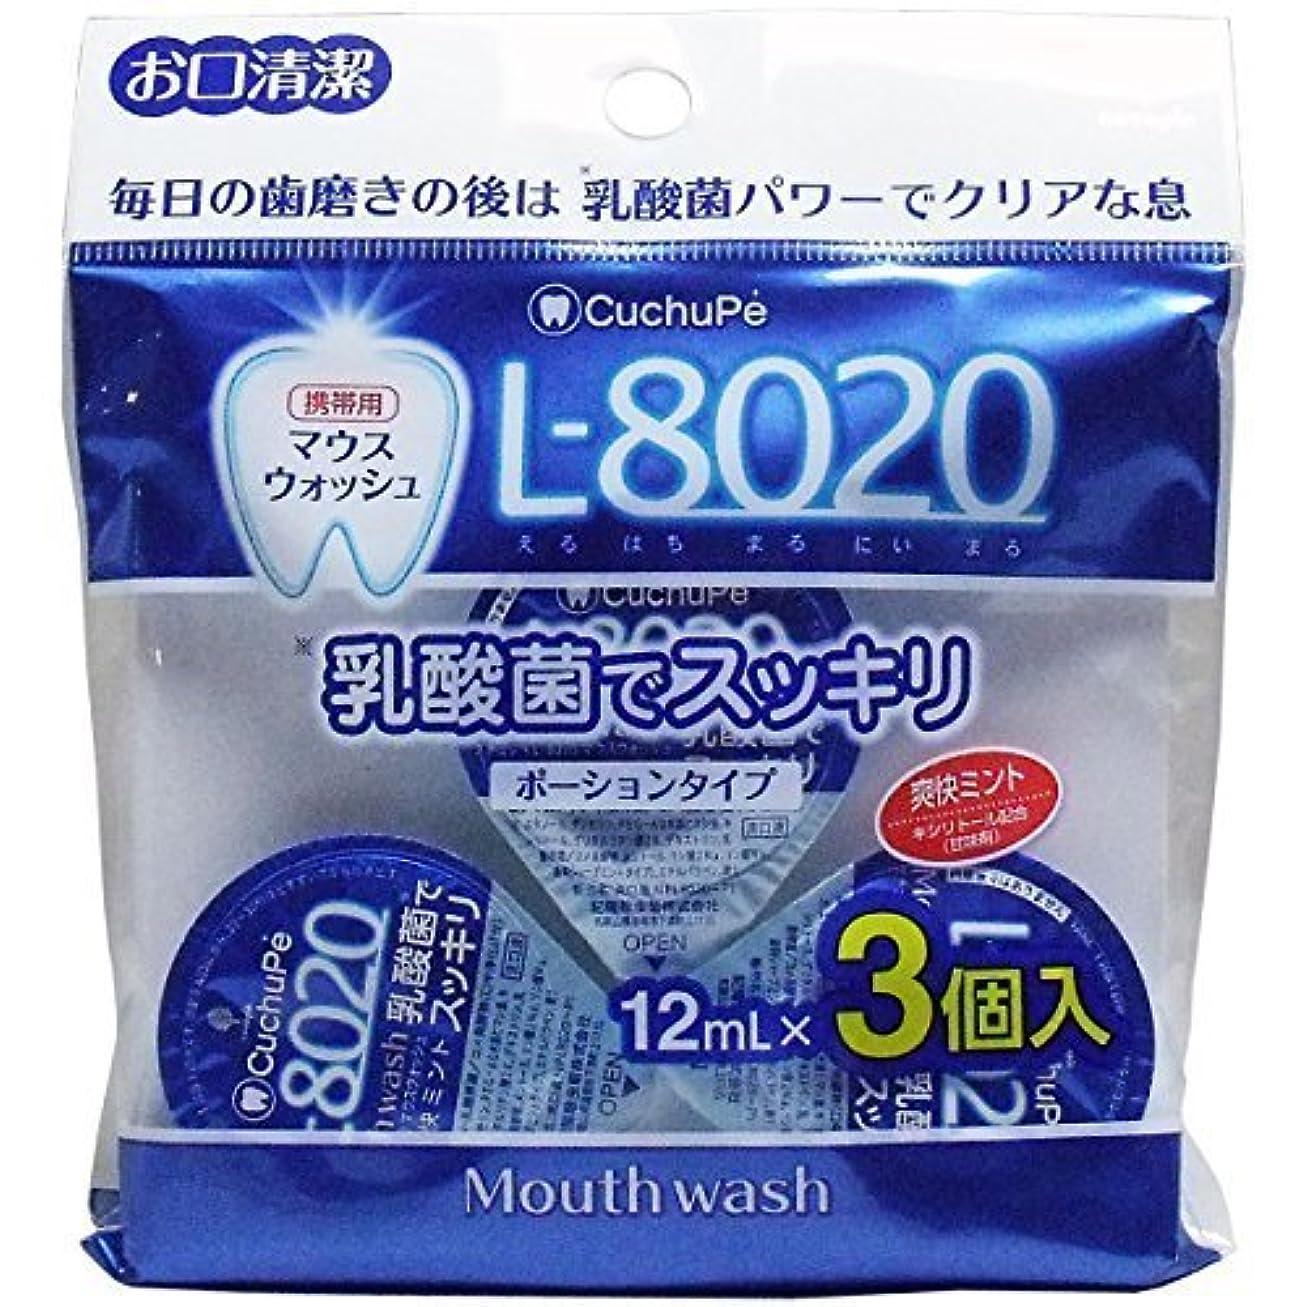 蜜検査怠クチュッペL-8020爽快ミントポーションタイプ3個入(アルコール) 【まとめ買い10個セット】 K-7051